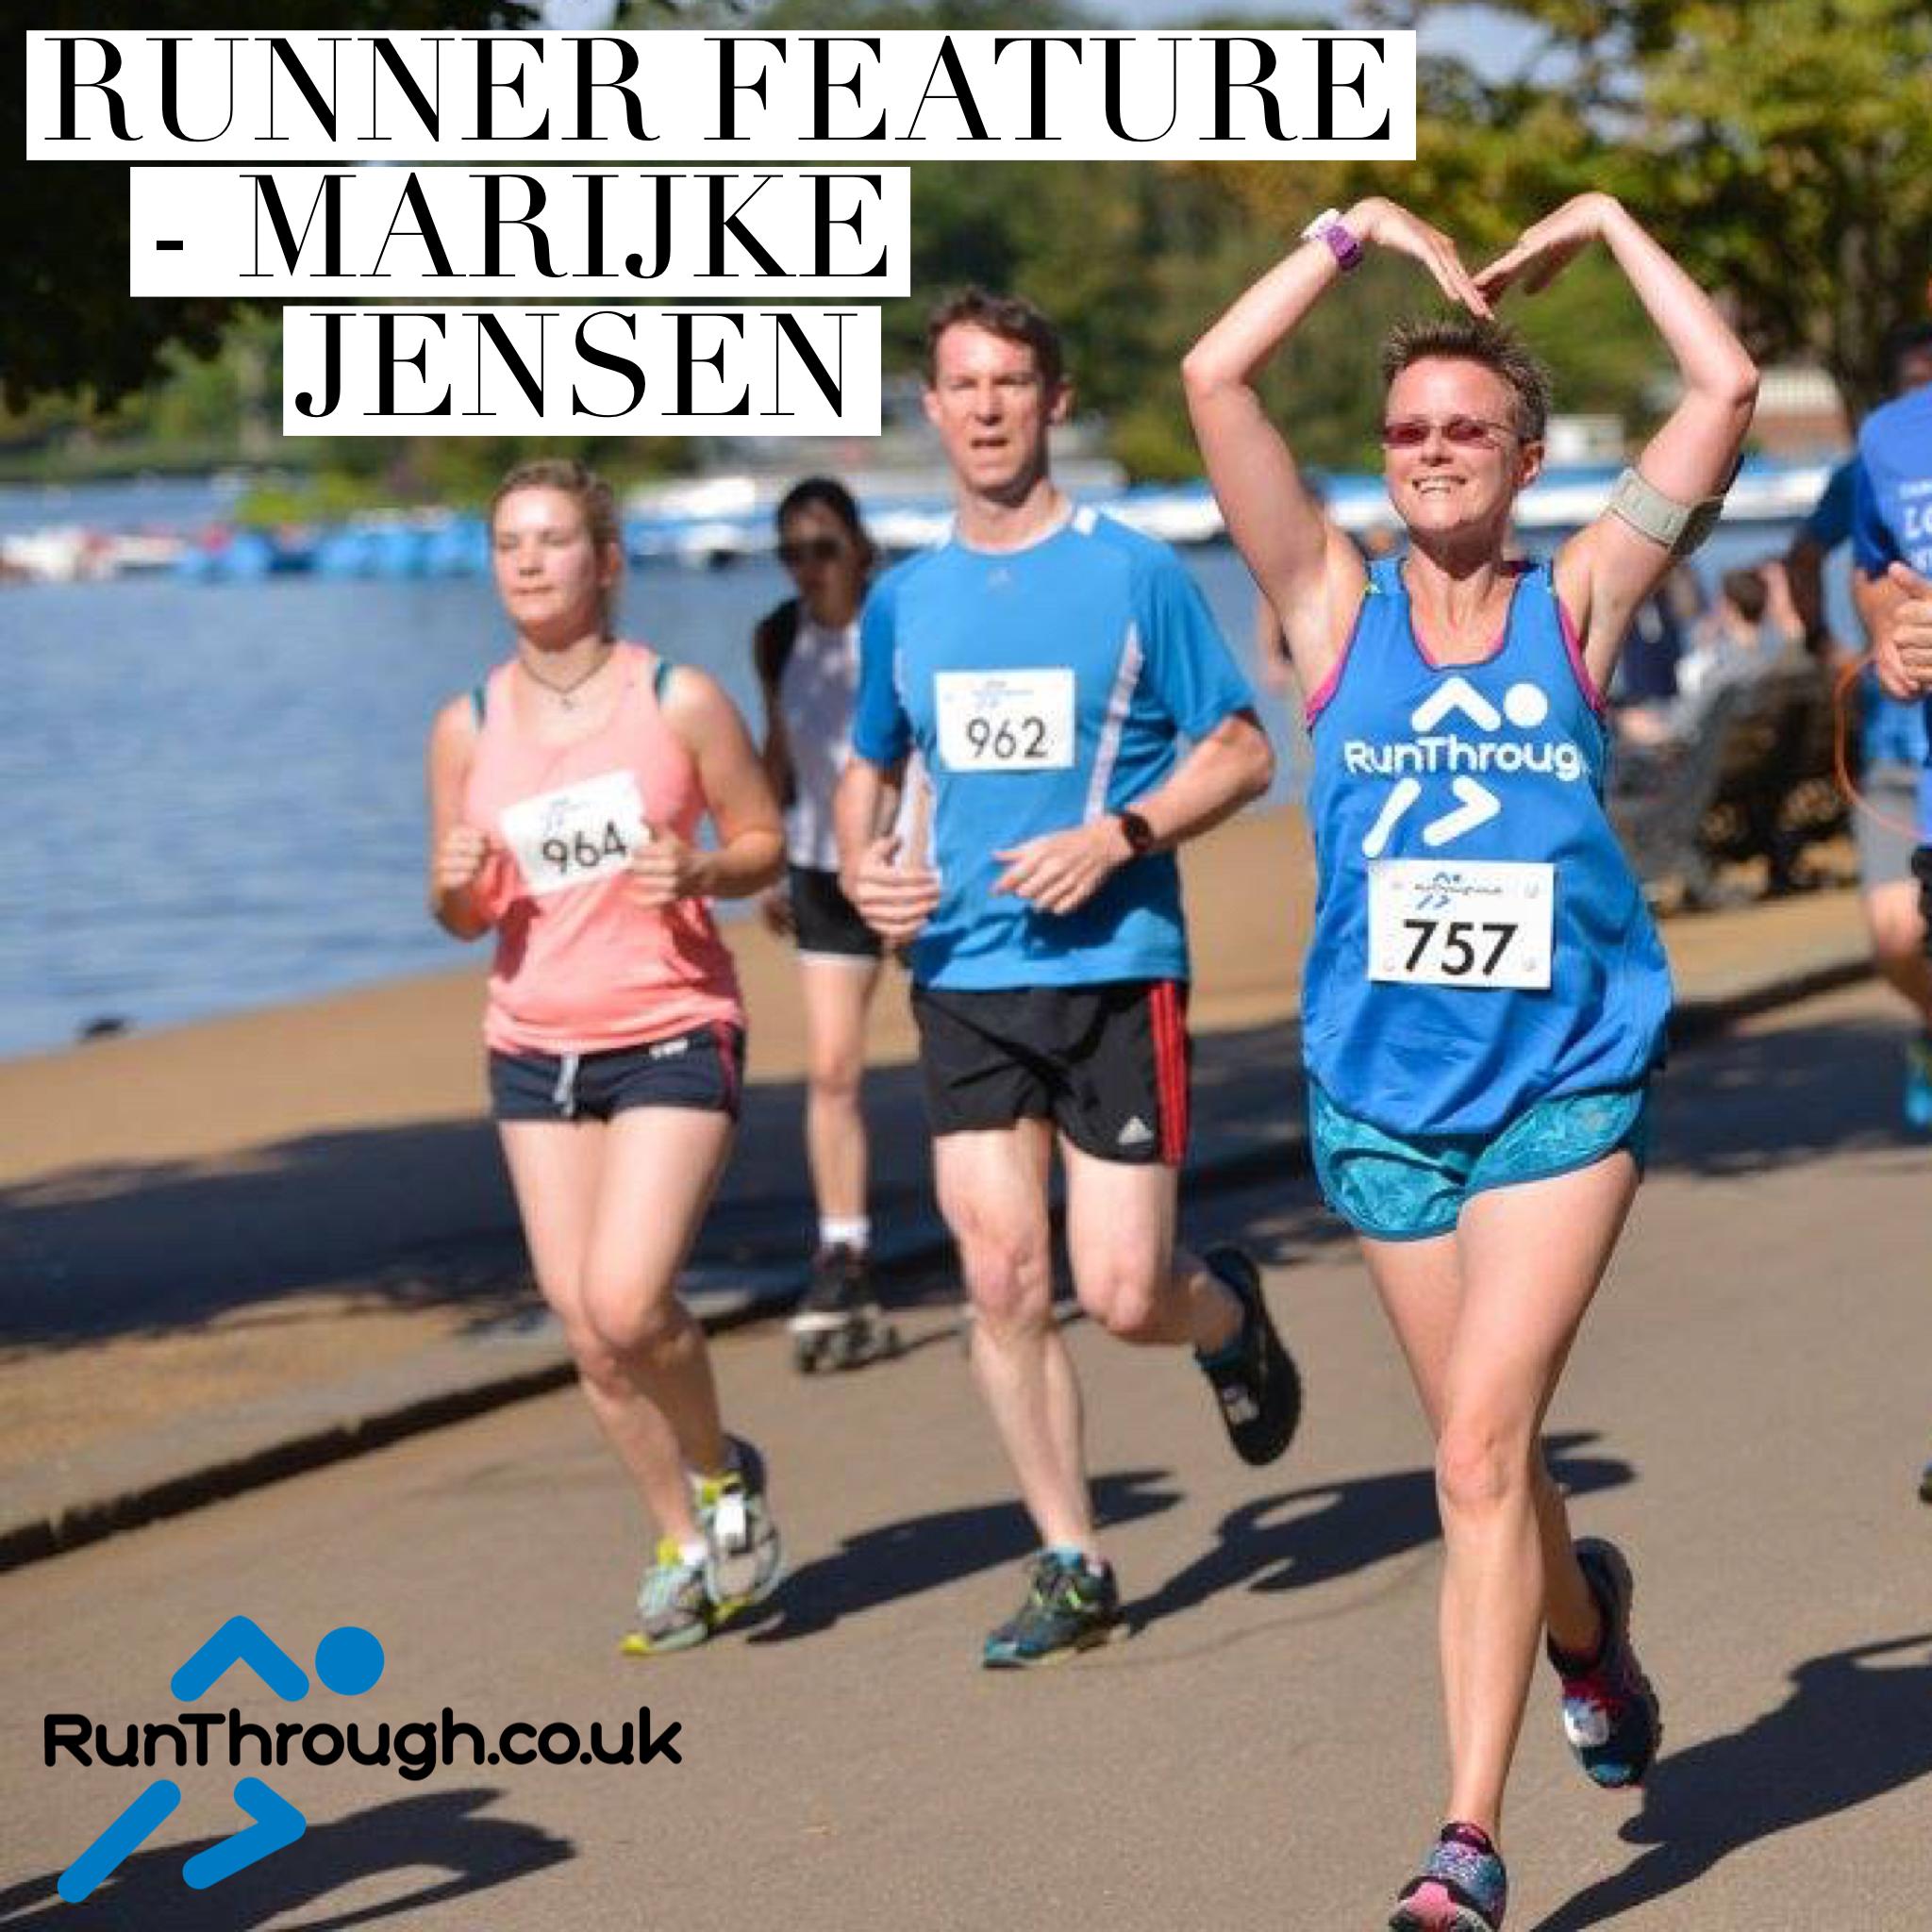 Runner Feature – Marijke Jensen